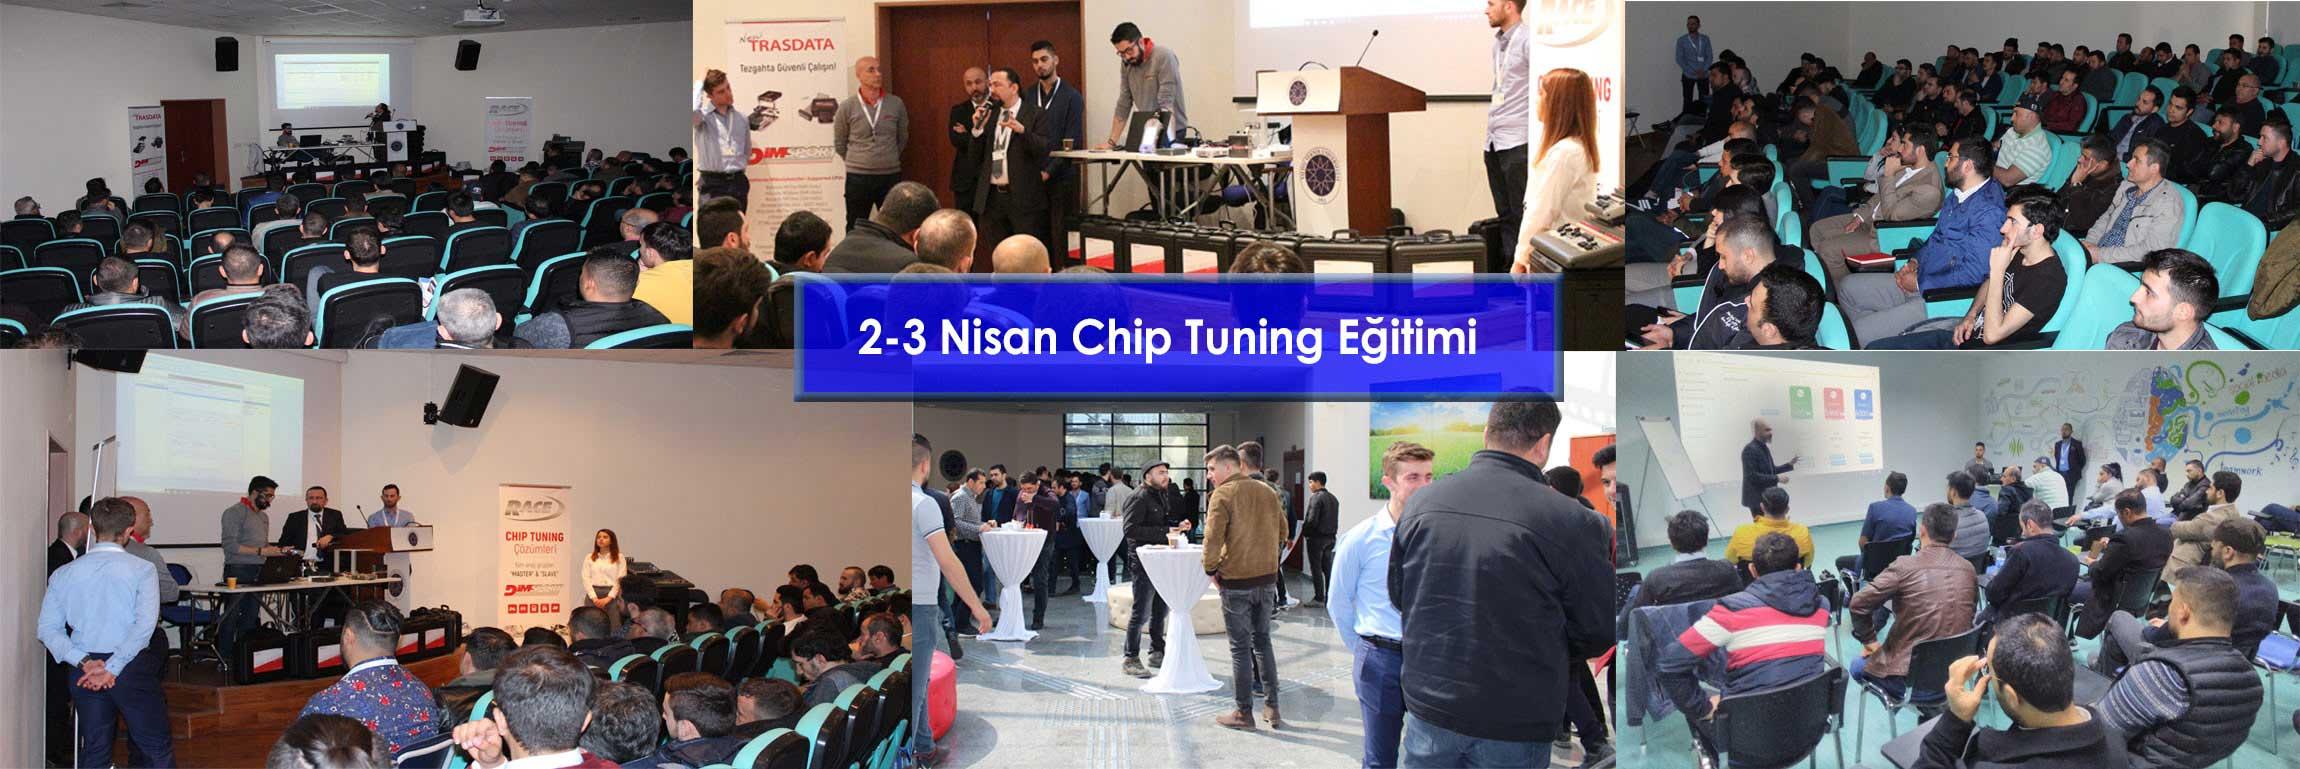 chip-tuning-eğitim